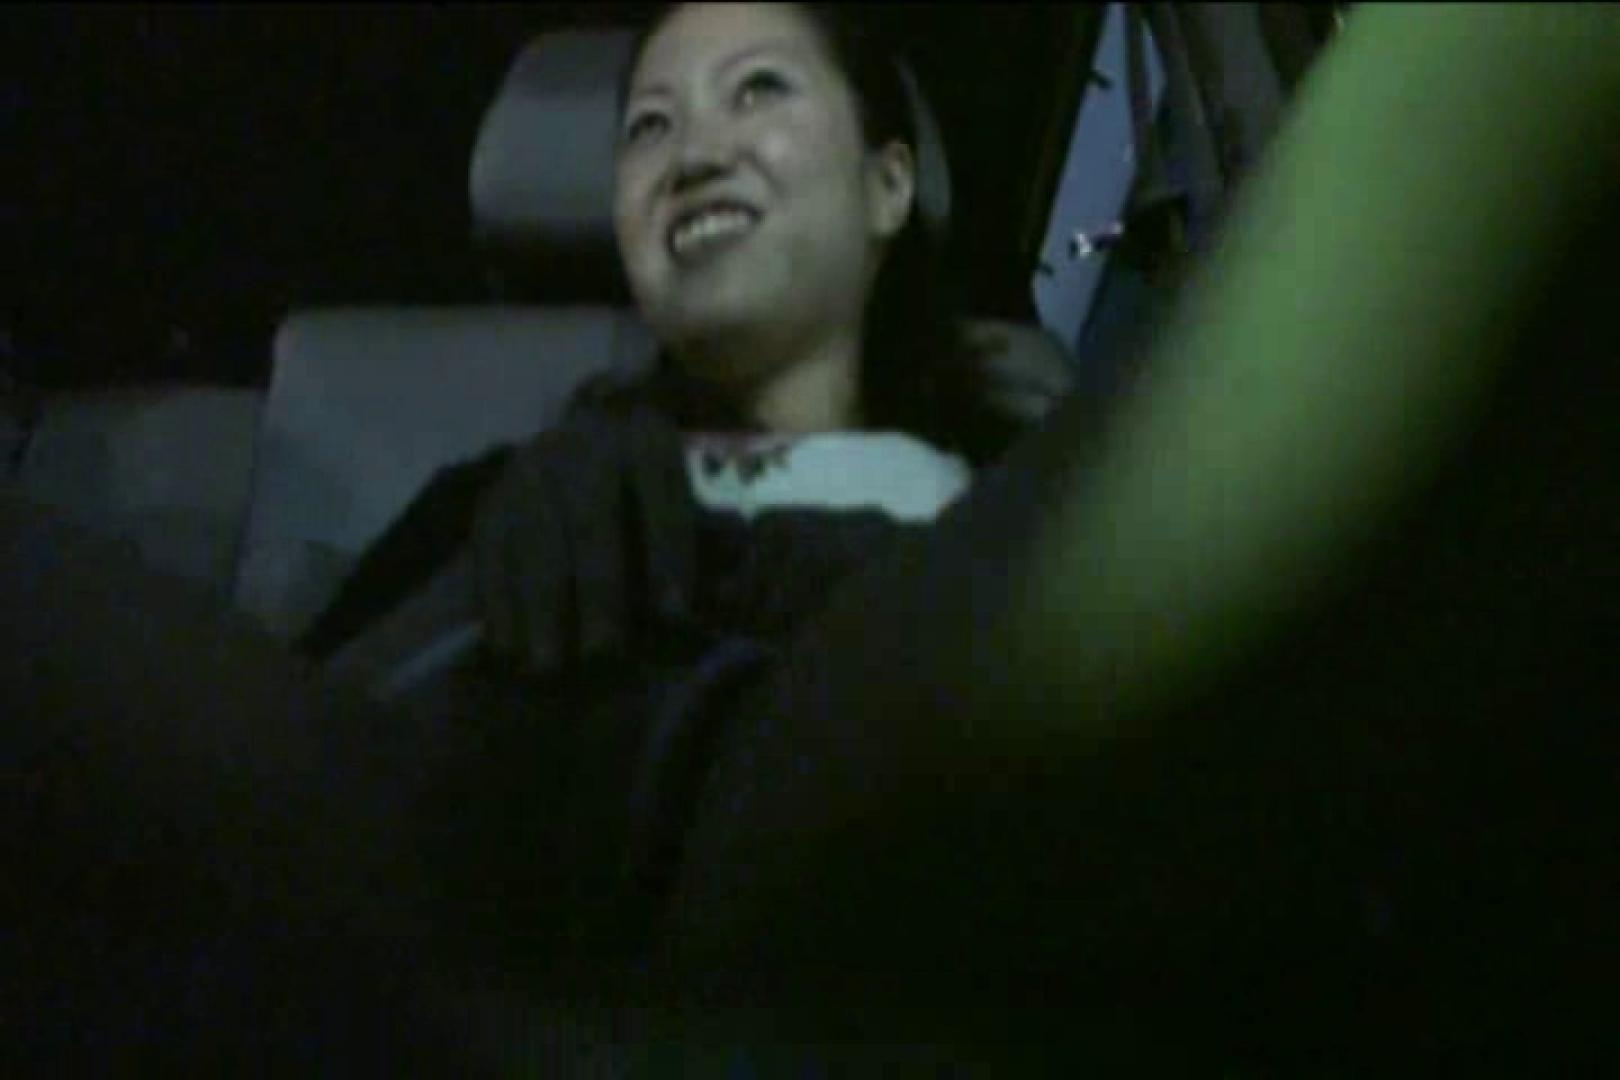 車内で初めまして! vol01 OLのエロ生活   盗撮  105連発 99